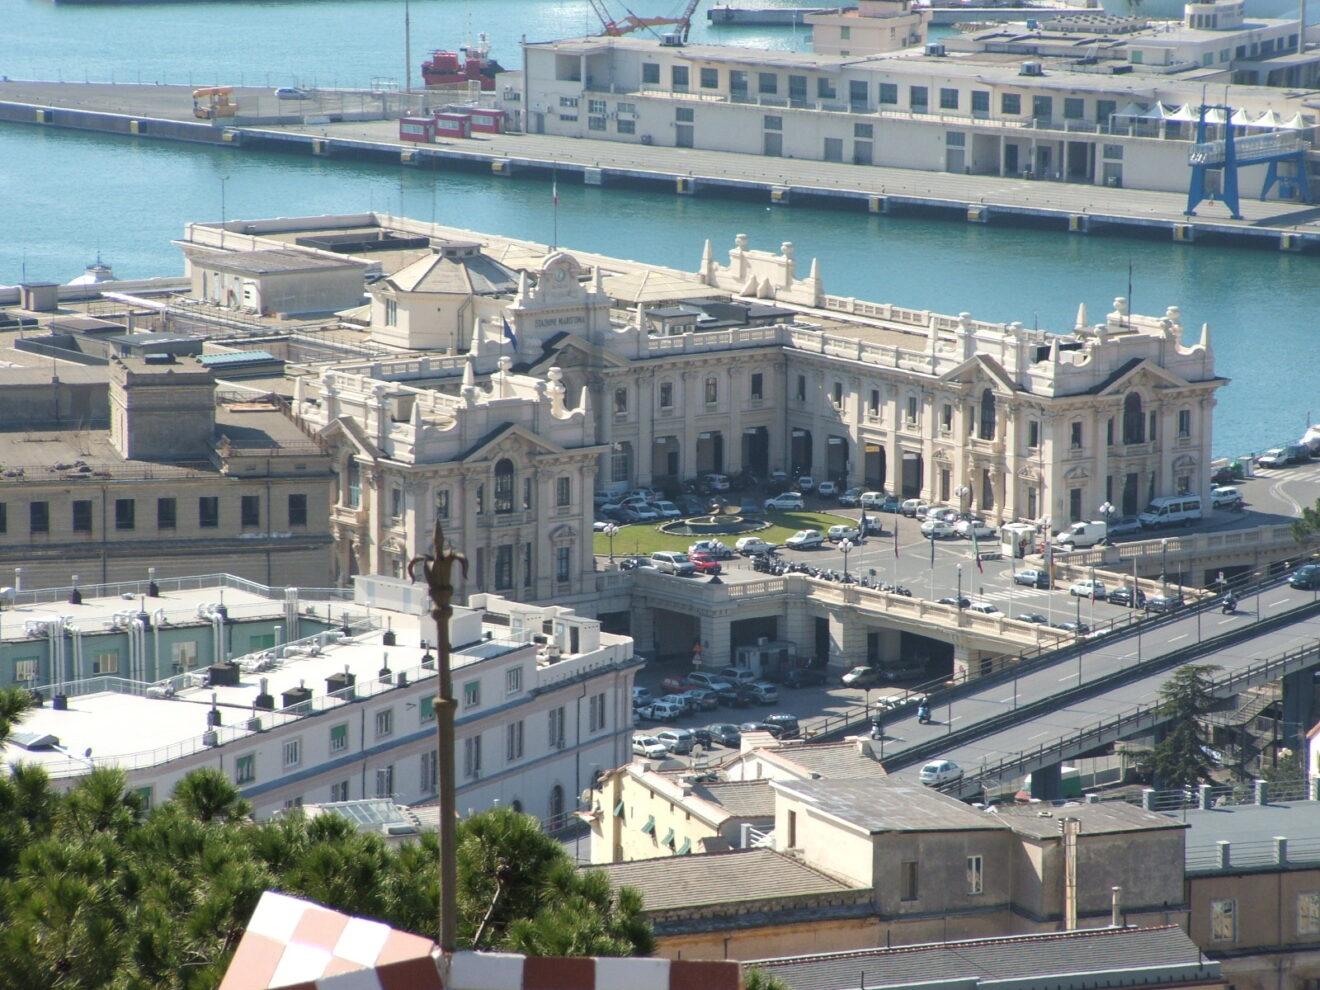 A rischio crociere a Genova per problemi di instabilità ...